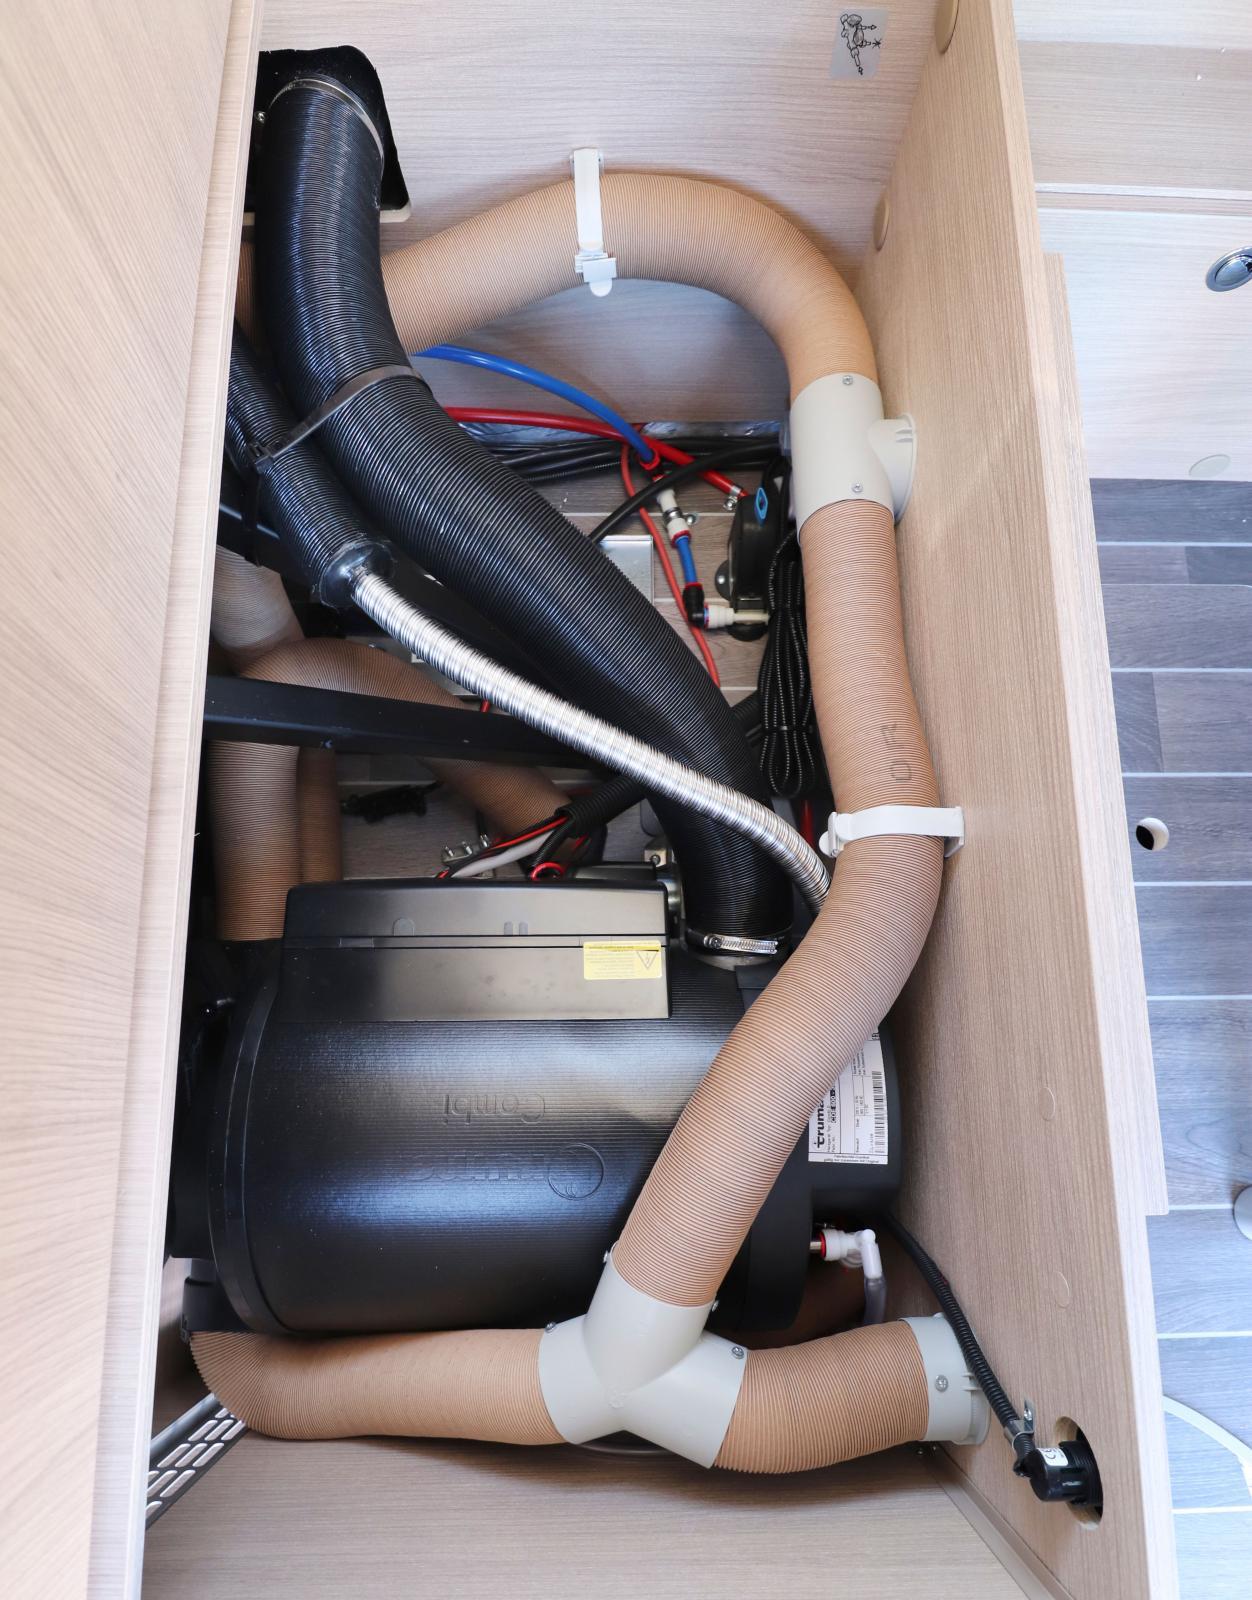 Dieselpanna med elpatron. Fricamparens dröm, nästan obegränsat med bränsle!